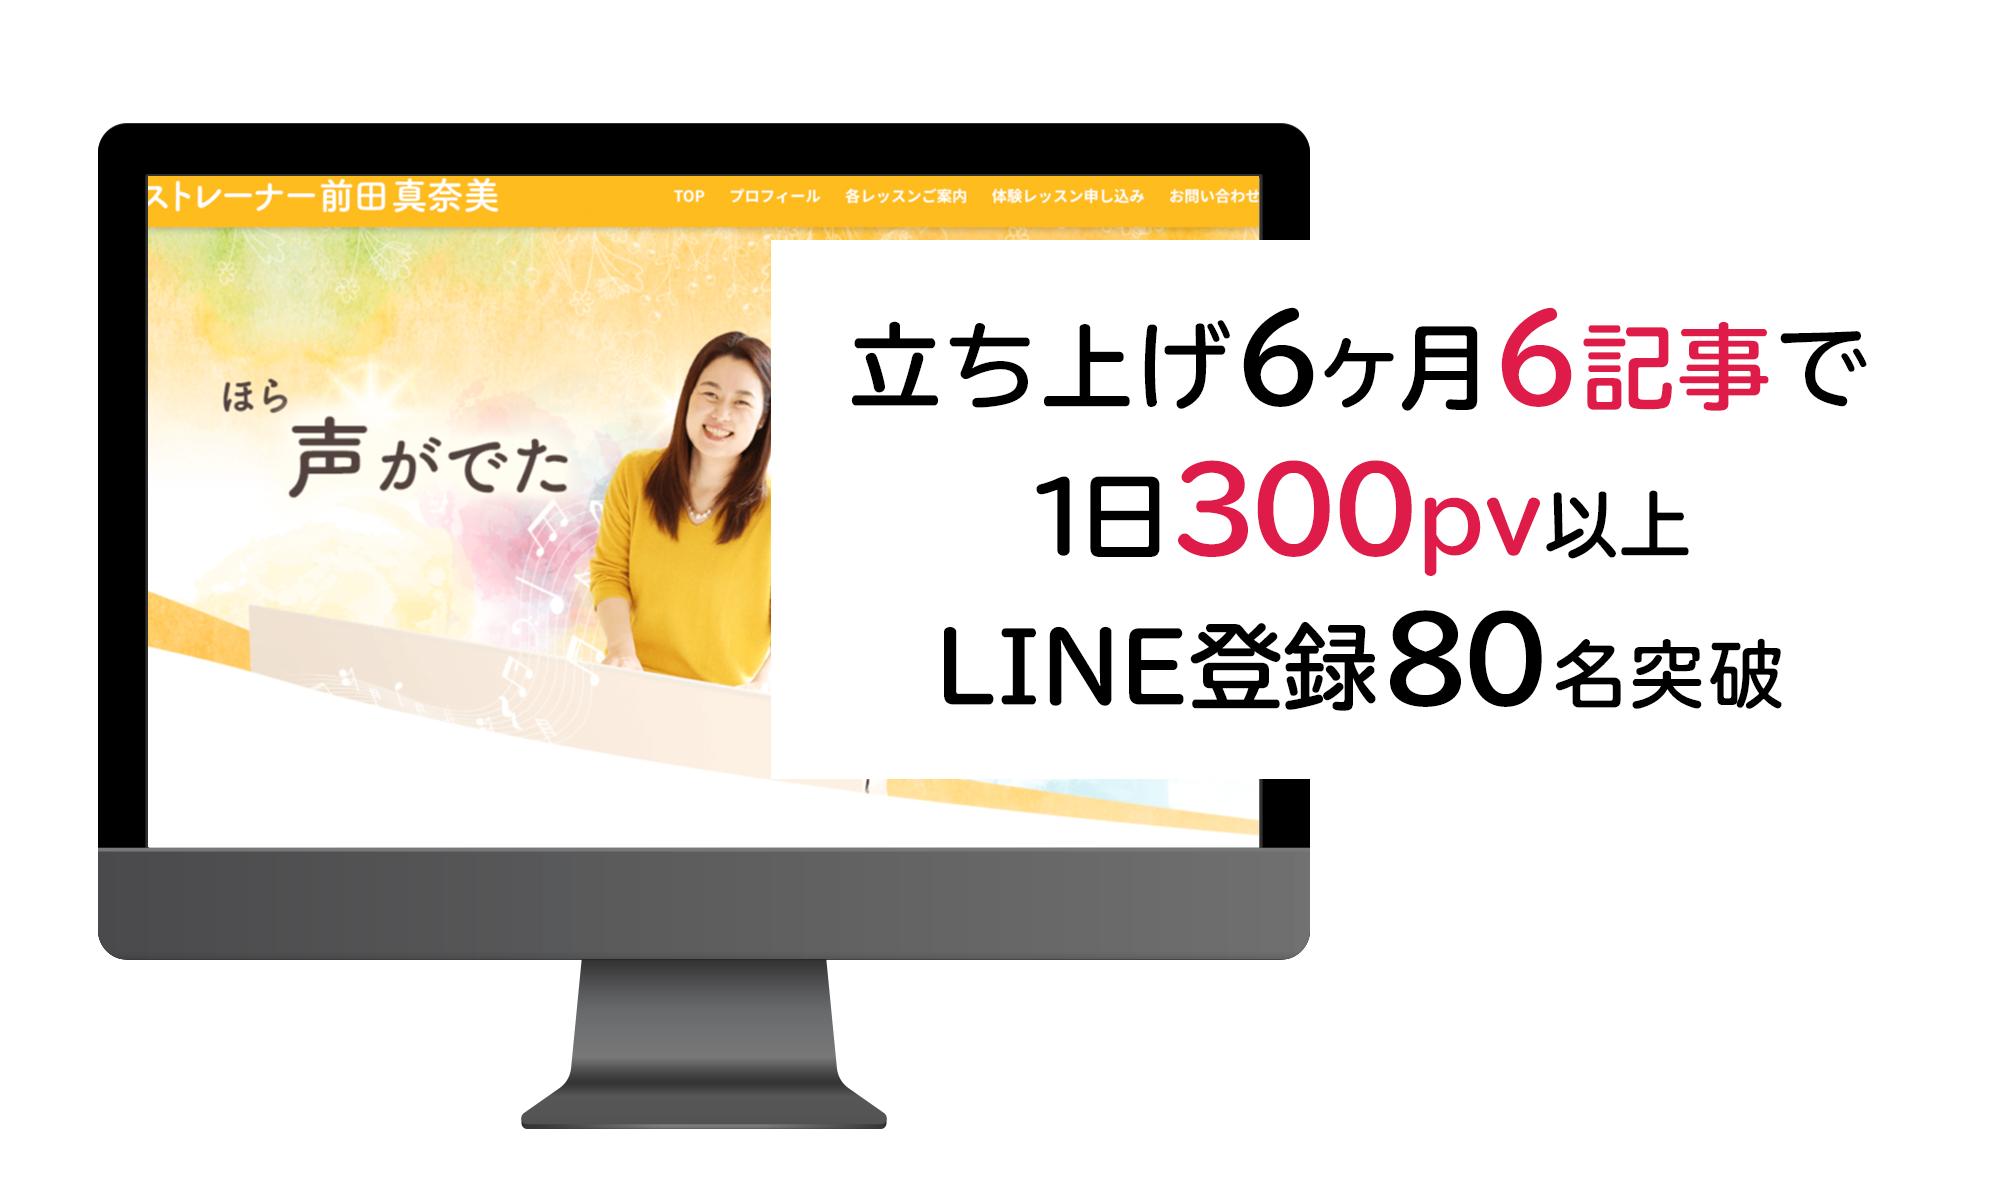 ボイストレーナー 前田真奈美様 集客成功例